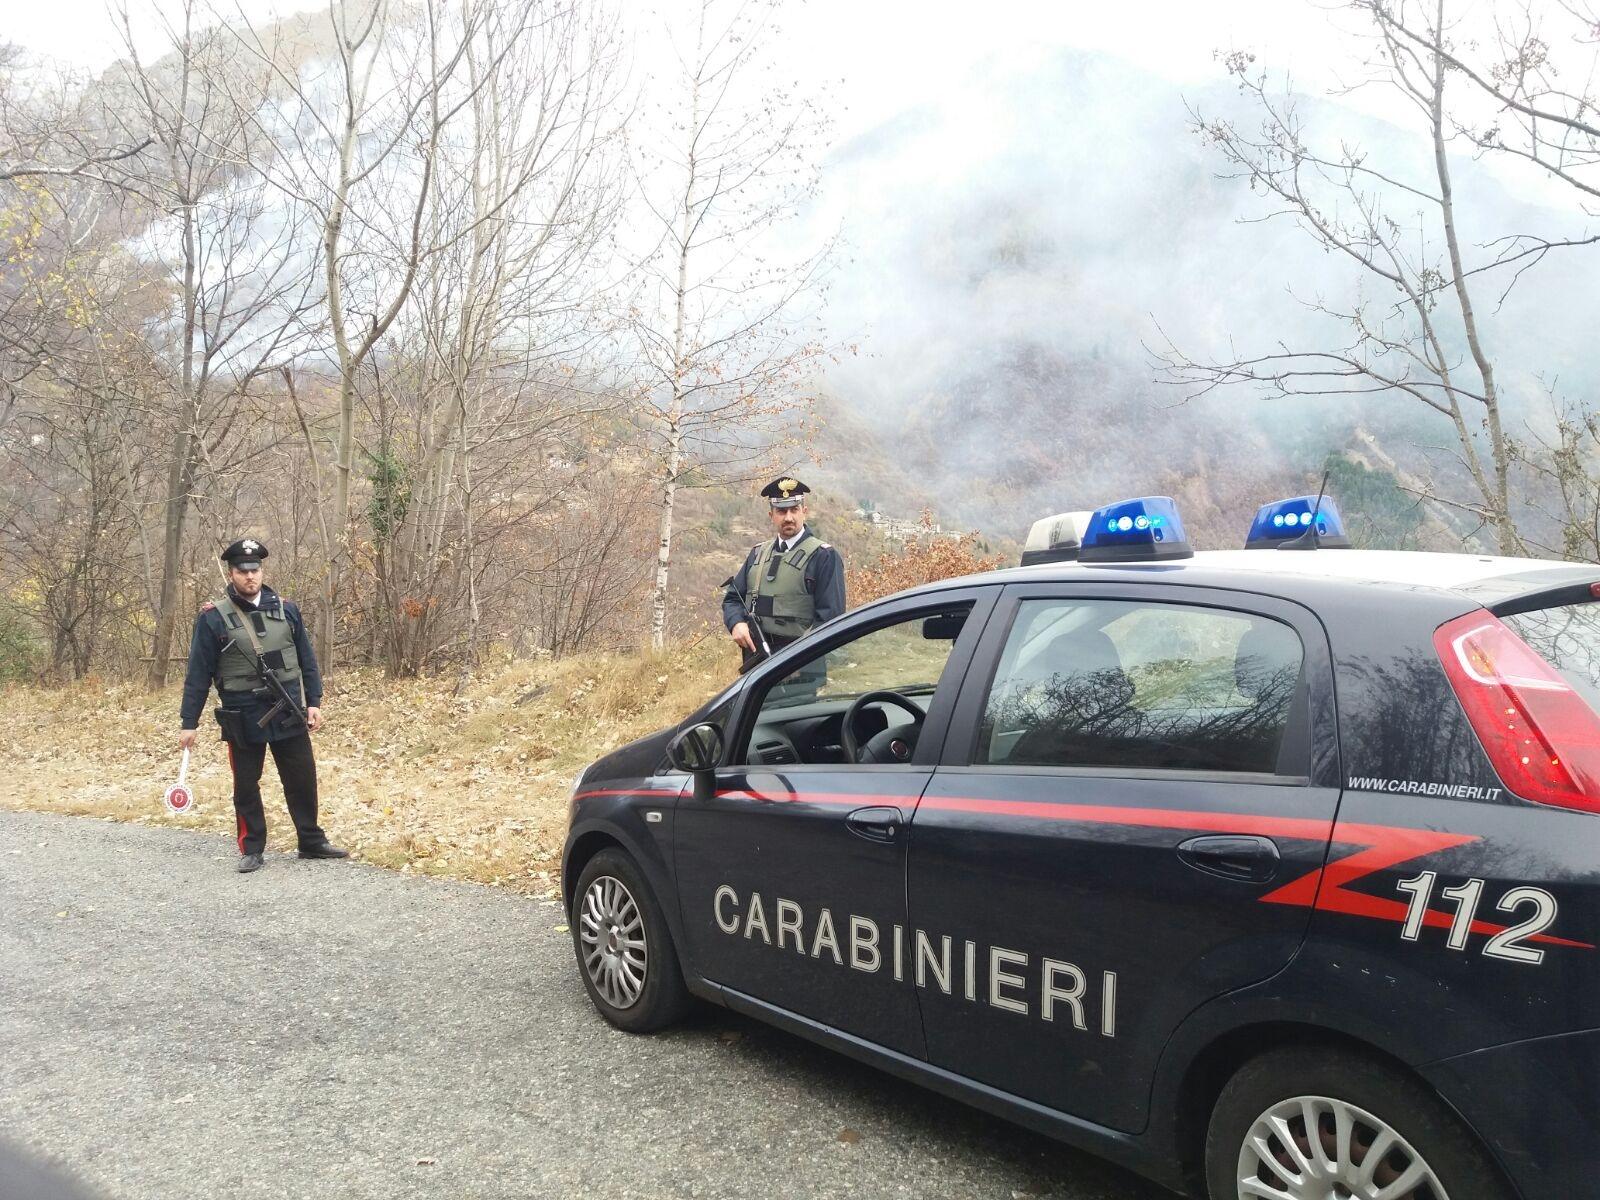 ALLARME INCENDI - Ultime ore di emergenza: Aib e carabinieri pattugliano i boschi contro i piromani